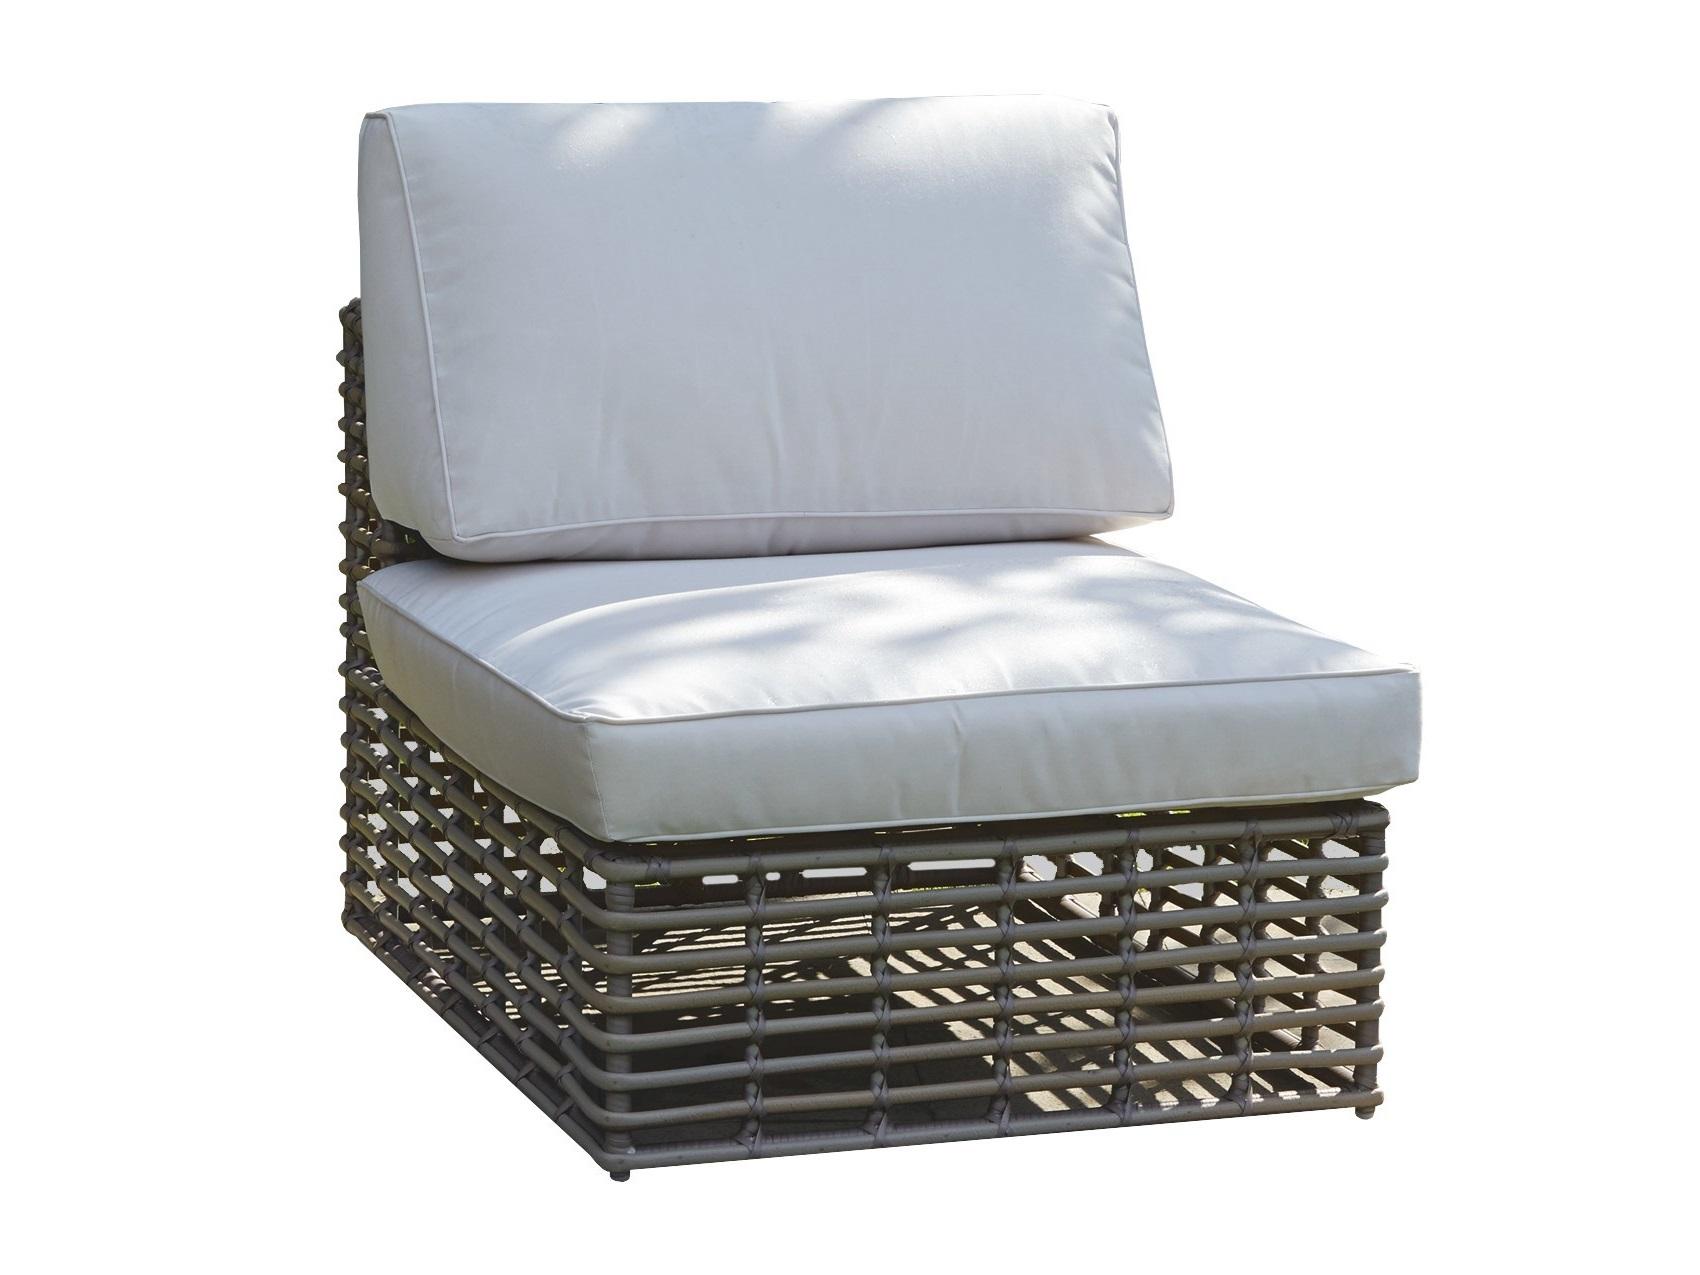 Центральный модуль CastriesКомплекты уличной мебели<br>&amp;lt;div&amp;gt;Центральный модуль дивана Castries.&amp;lt;/div&amp;gt;&amp;lt;div&amp;gt;&amp;lt;br&amp;gt;&amp;lt;/div&amp;gt;Садовая мебель испанской фабрики Skyline Design  делается в ручную. Основной материал – очень прочное синтетическое волокно Viro или Rehau, внешне похожее на ротанг. Материал не теряет своих качеств со временем, устойчив к перепадам температуры (до -70 С), осадкам и солнечному излучению.<br><br>Material: Искусственный ротанг<br>Ширина см: 99<br>Высота см: 66<br>Глубина см: 76